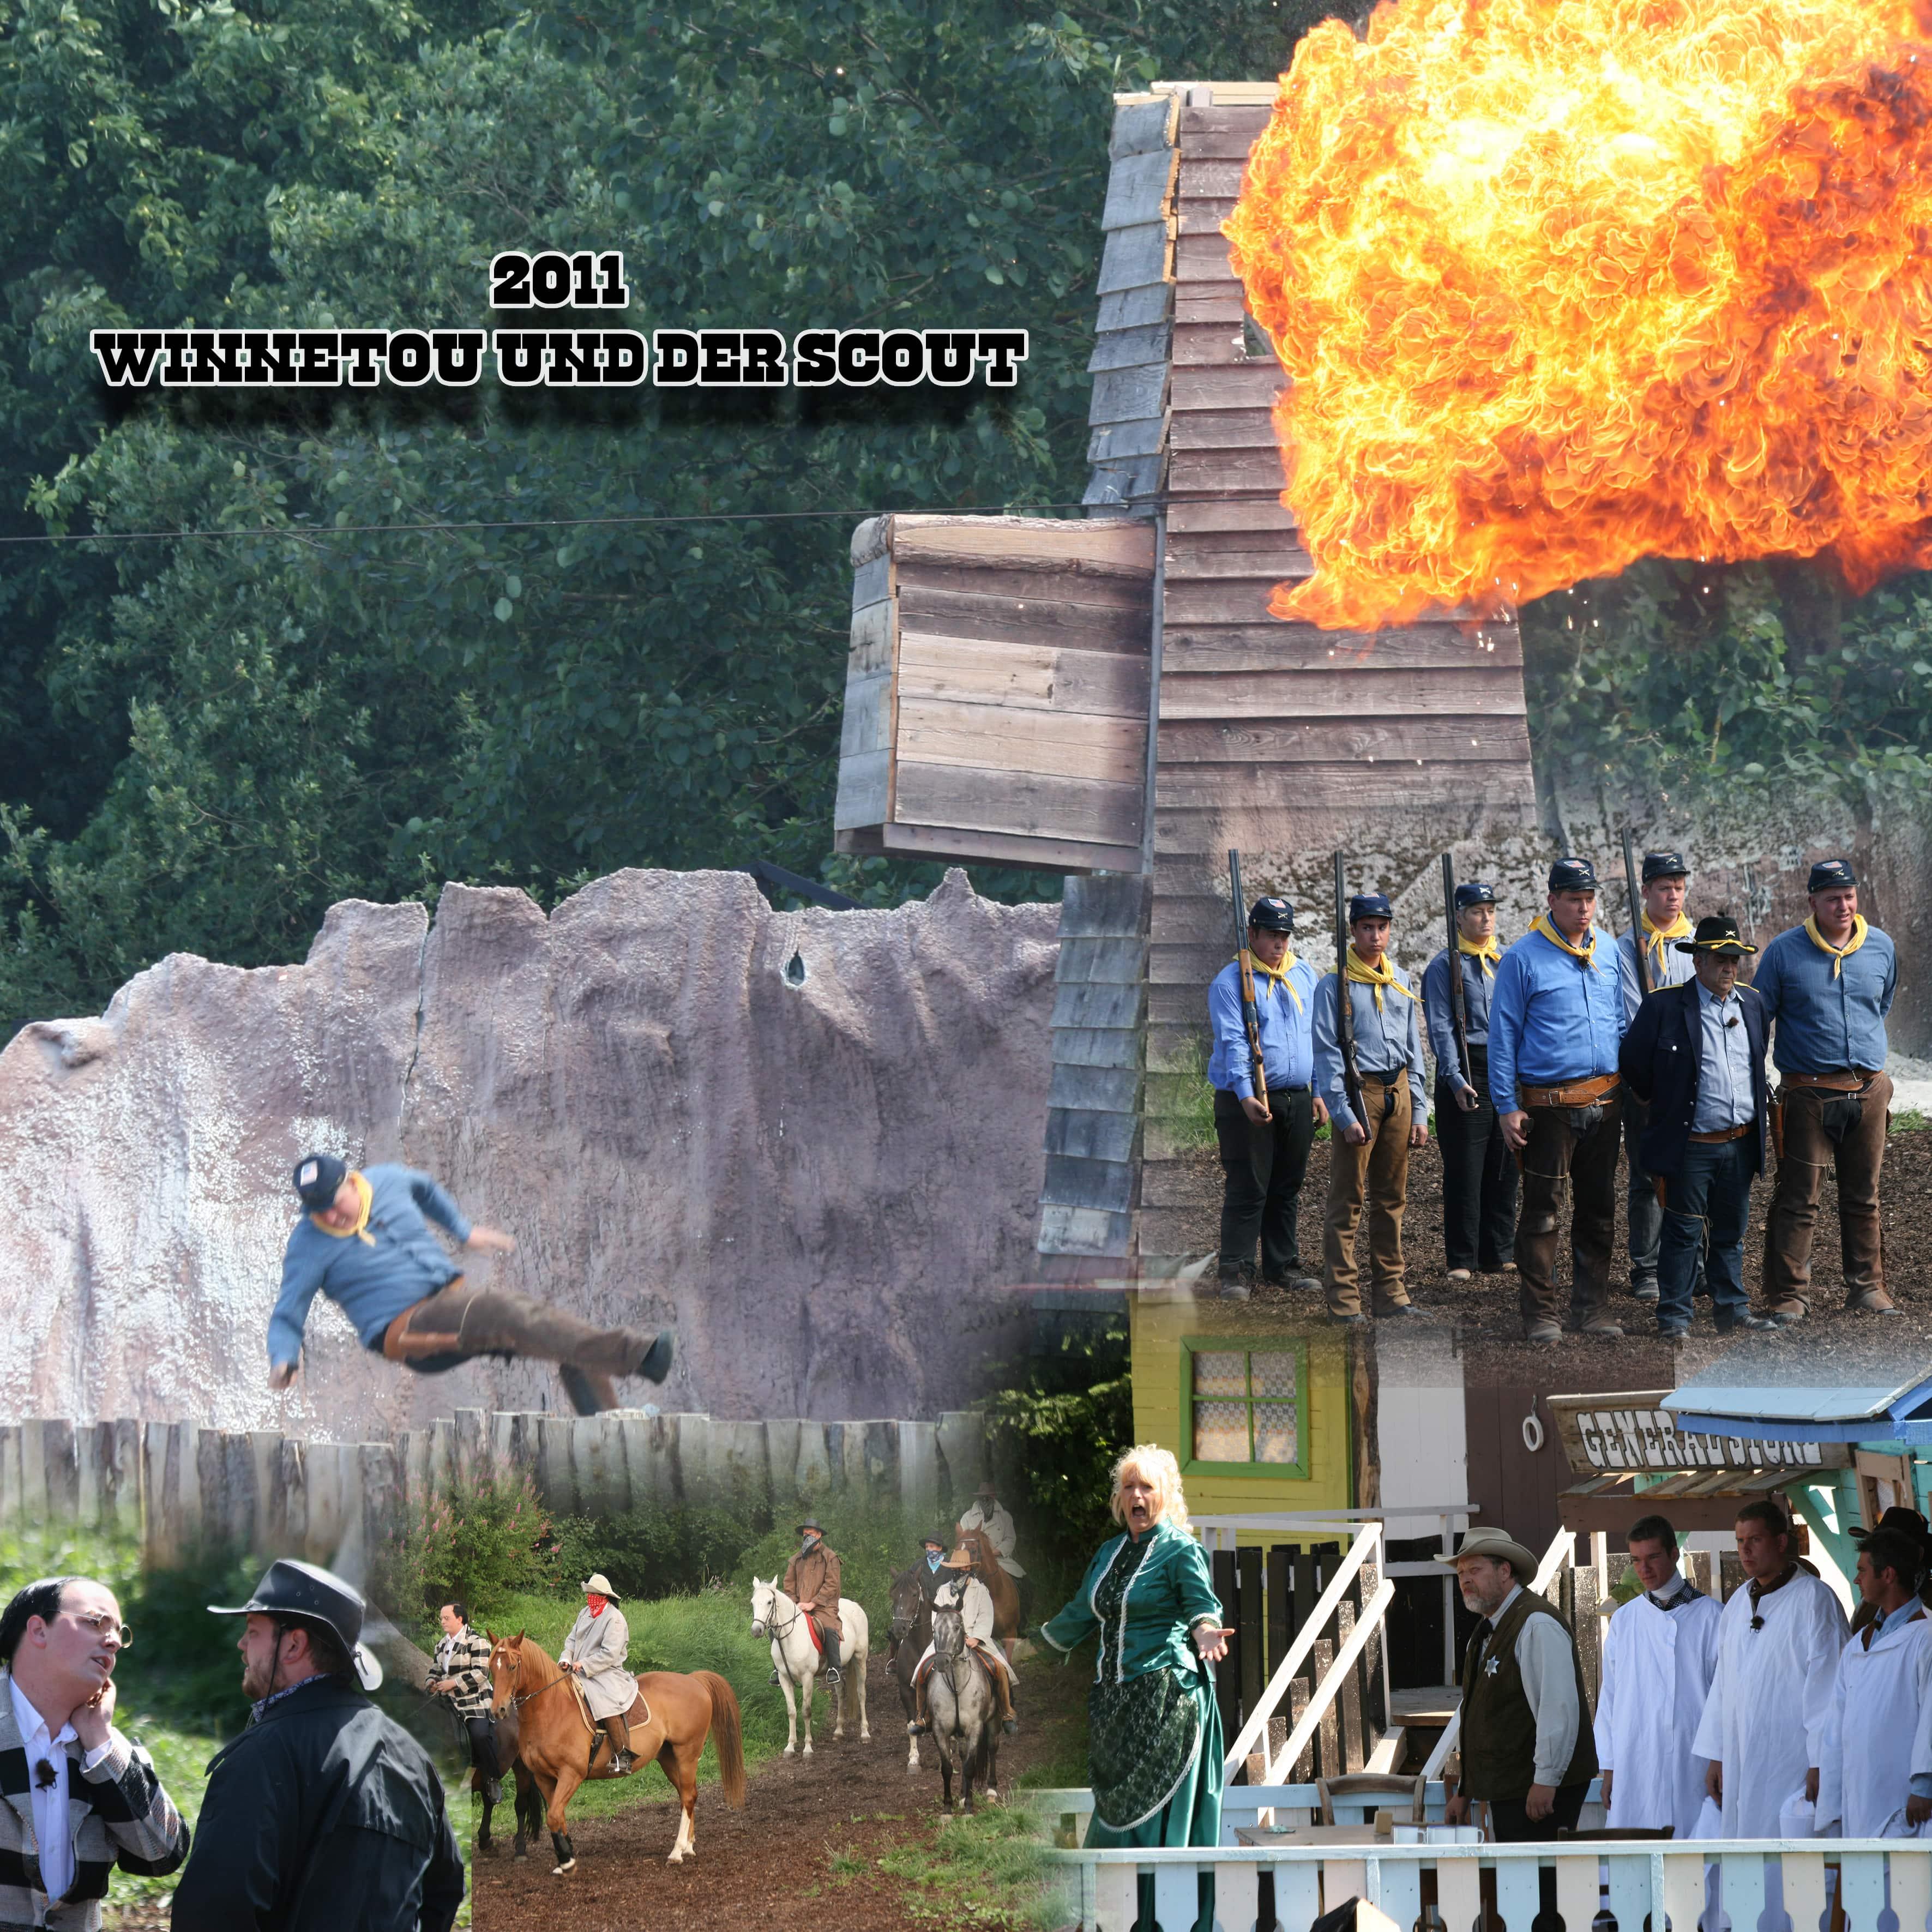 2011 - Winnetou und der Scout